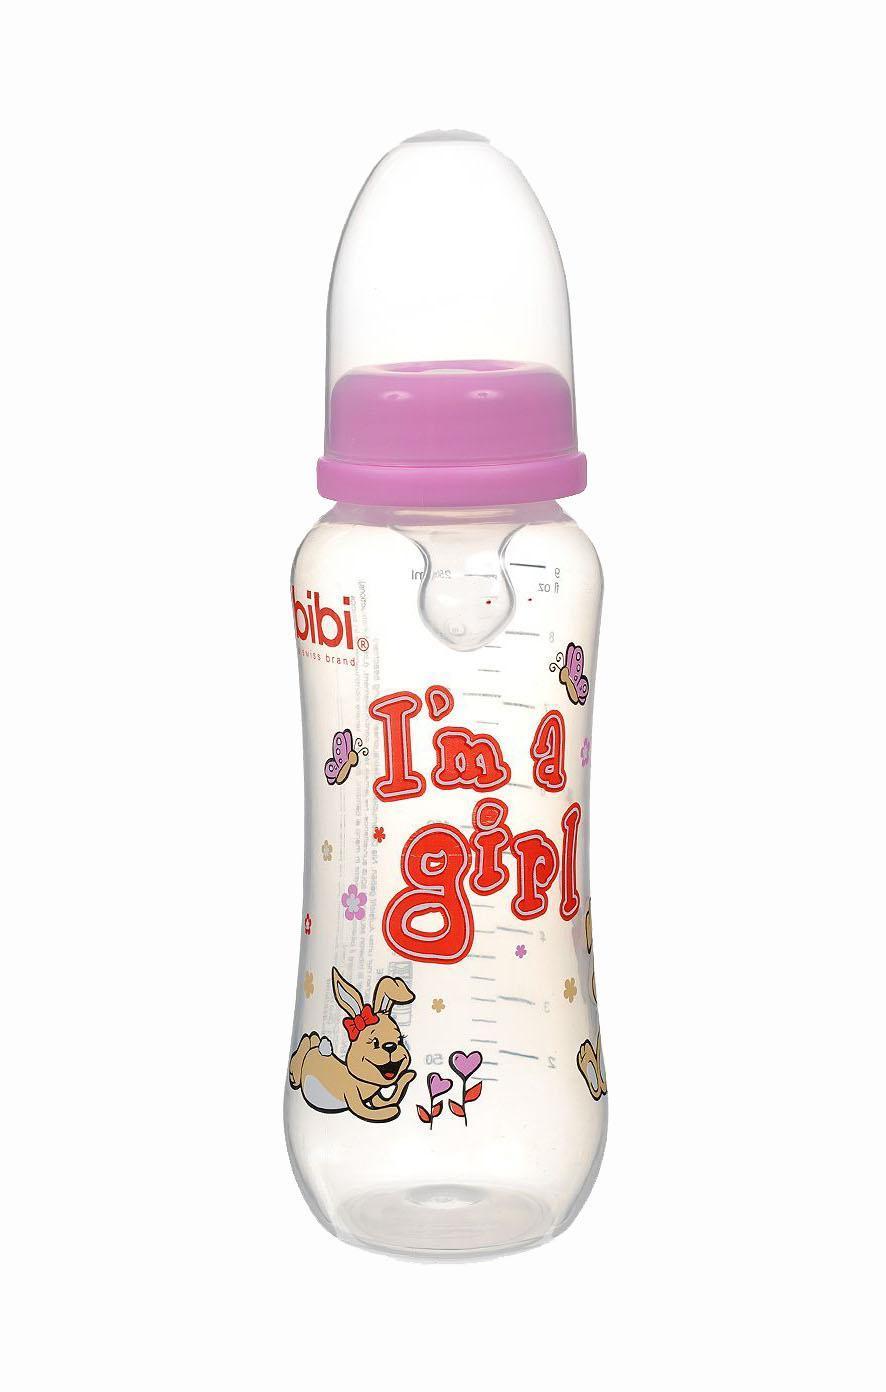 Бутылочка для кормления Bibi Little Stars, с силиконовой соской, от 0 месяцев, цвет: розовый, 250 мл. 108429108429_розовыйБутылочка от Bibi снабжена защитным колпачком, ортодонтической соской, мерной шкалой для дозирования напитков. Из бутылочки можно пить воду или чай, а плотно закрывающаяся крышка не даст содержимому пролиться.